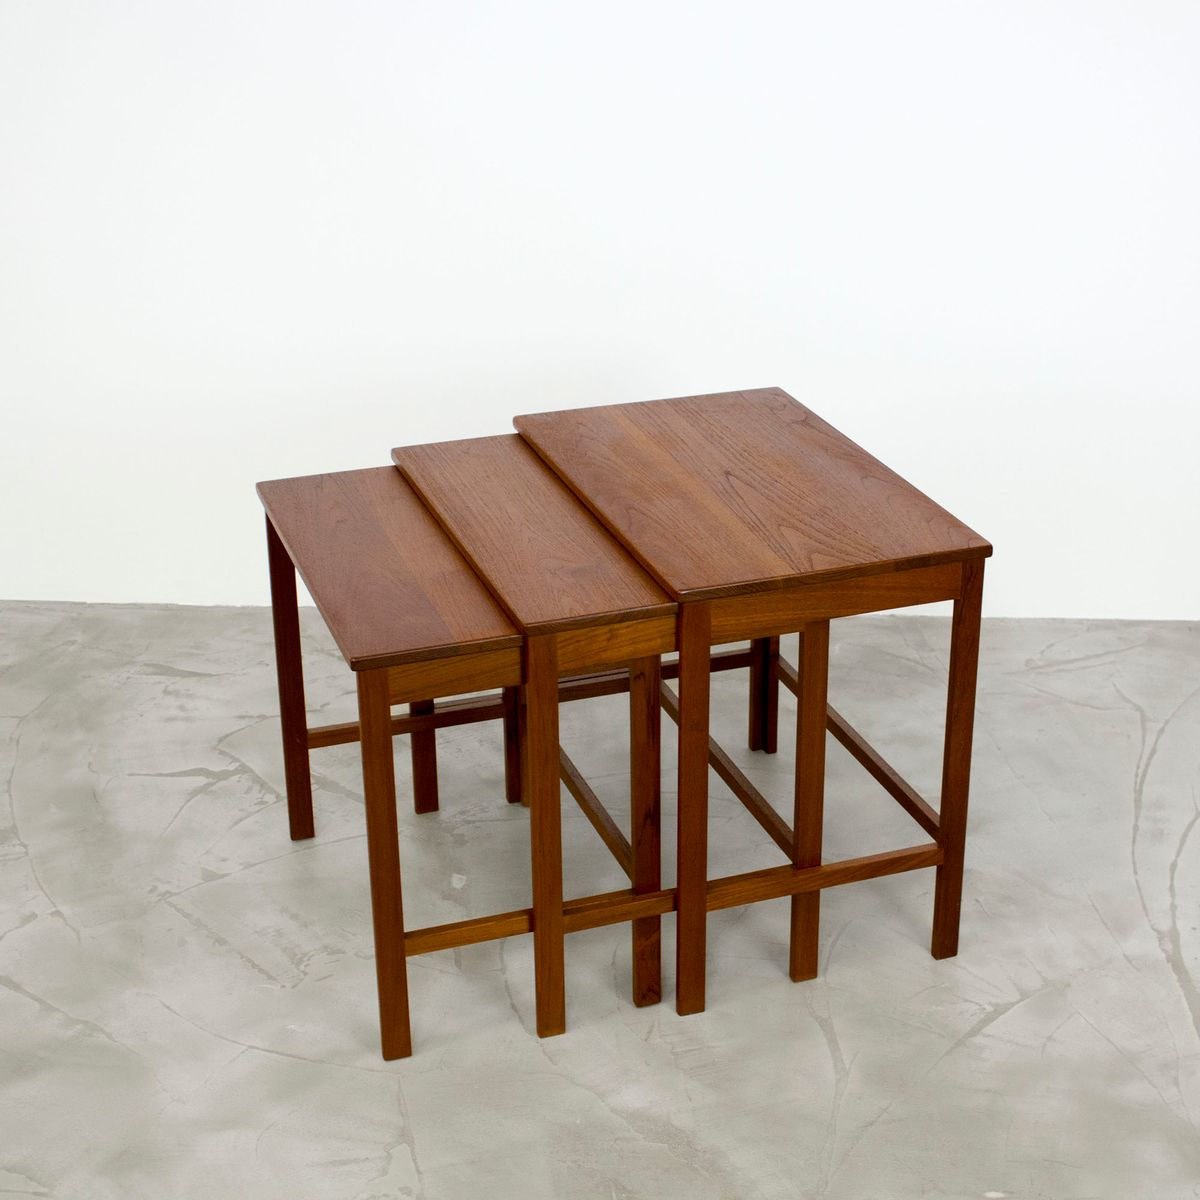 Danish Modern Teak Nesting Tables By Peter Hvidt Orla Mølgaard Nielsen For France Søn 1960s